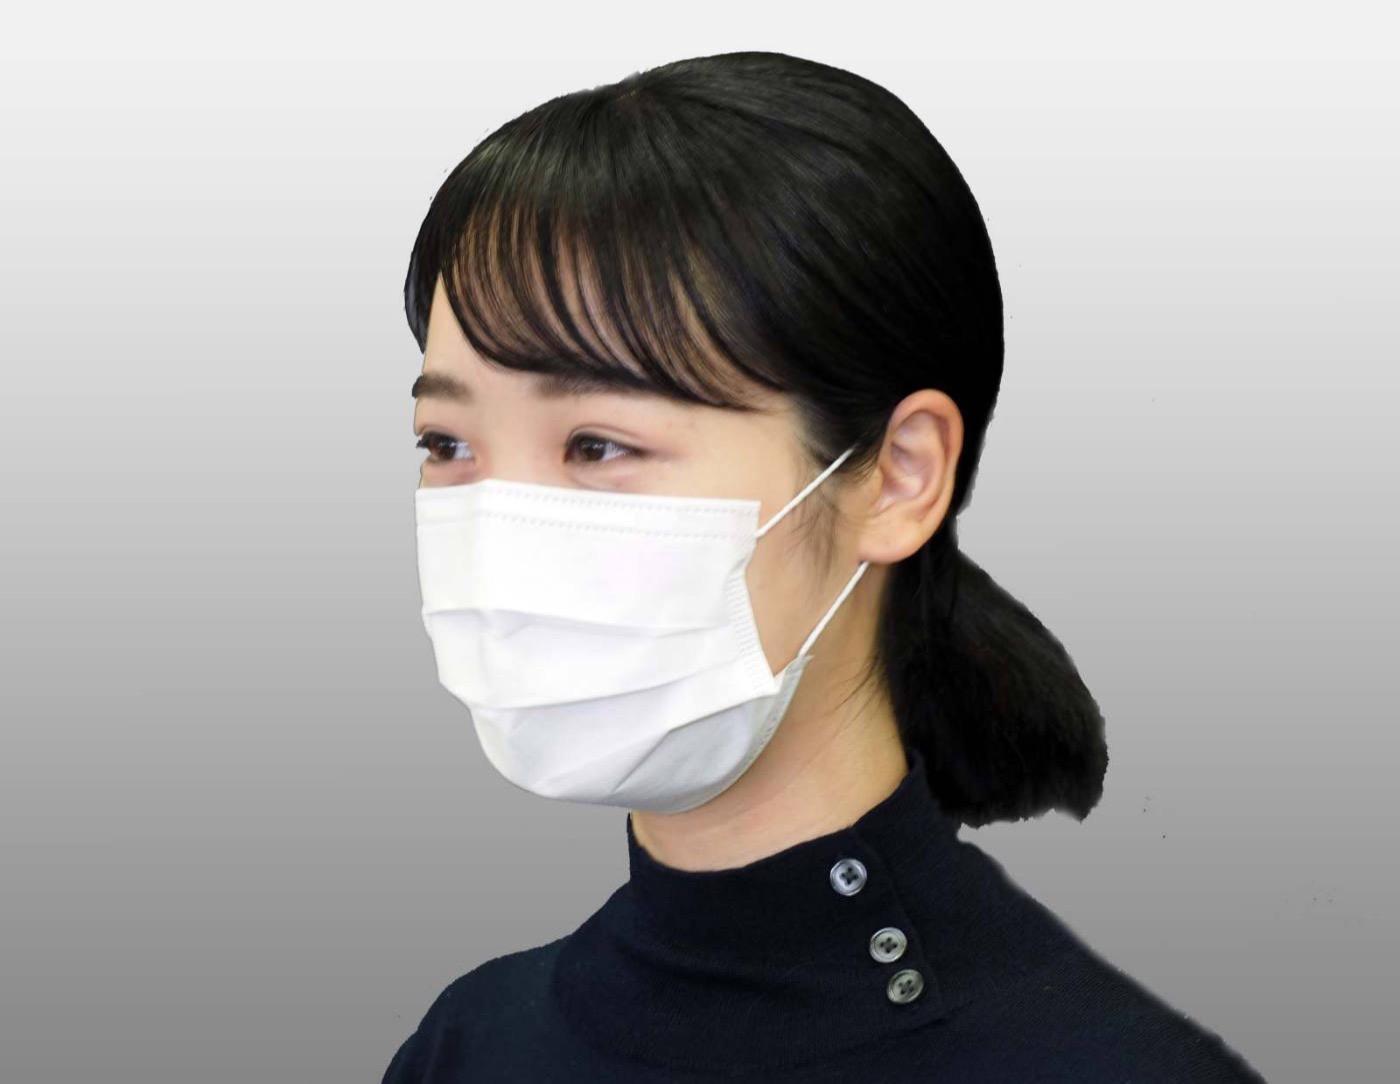 マスク 申し込み の シャープ